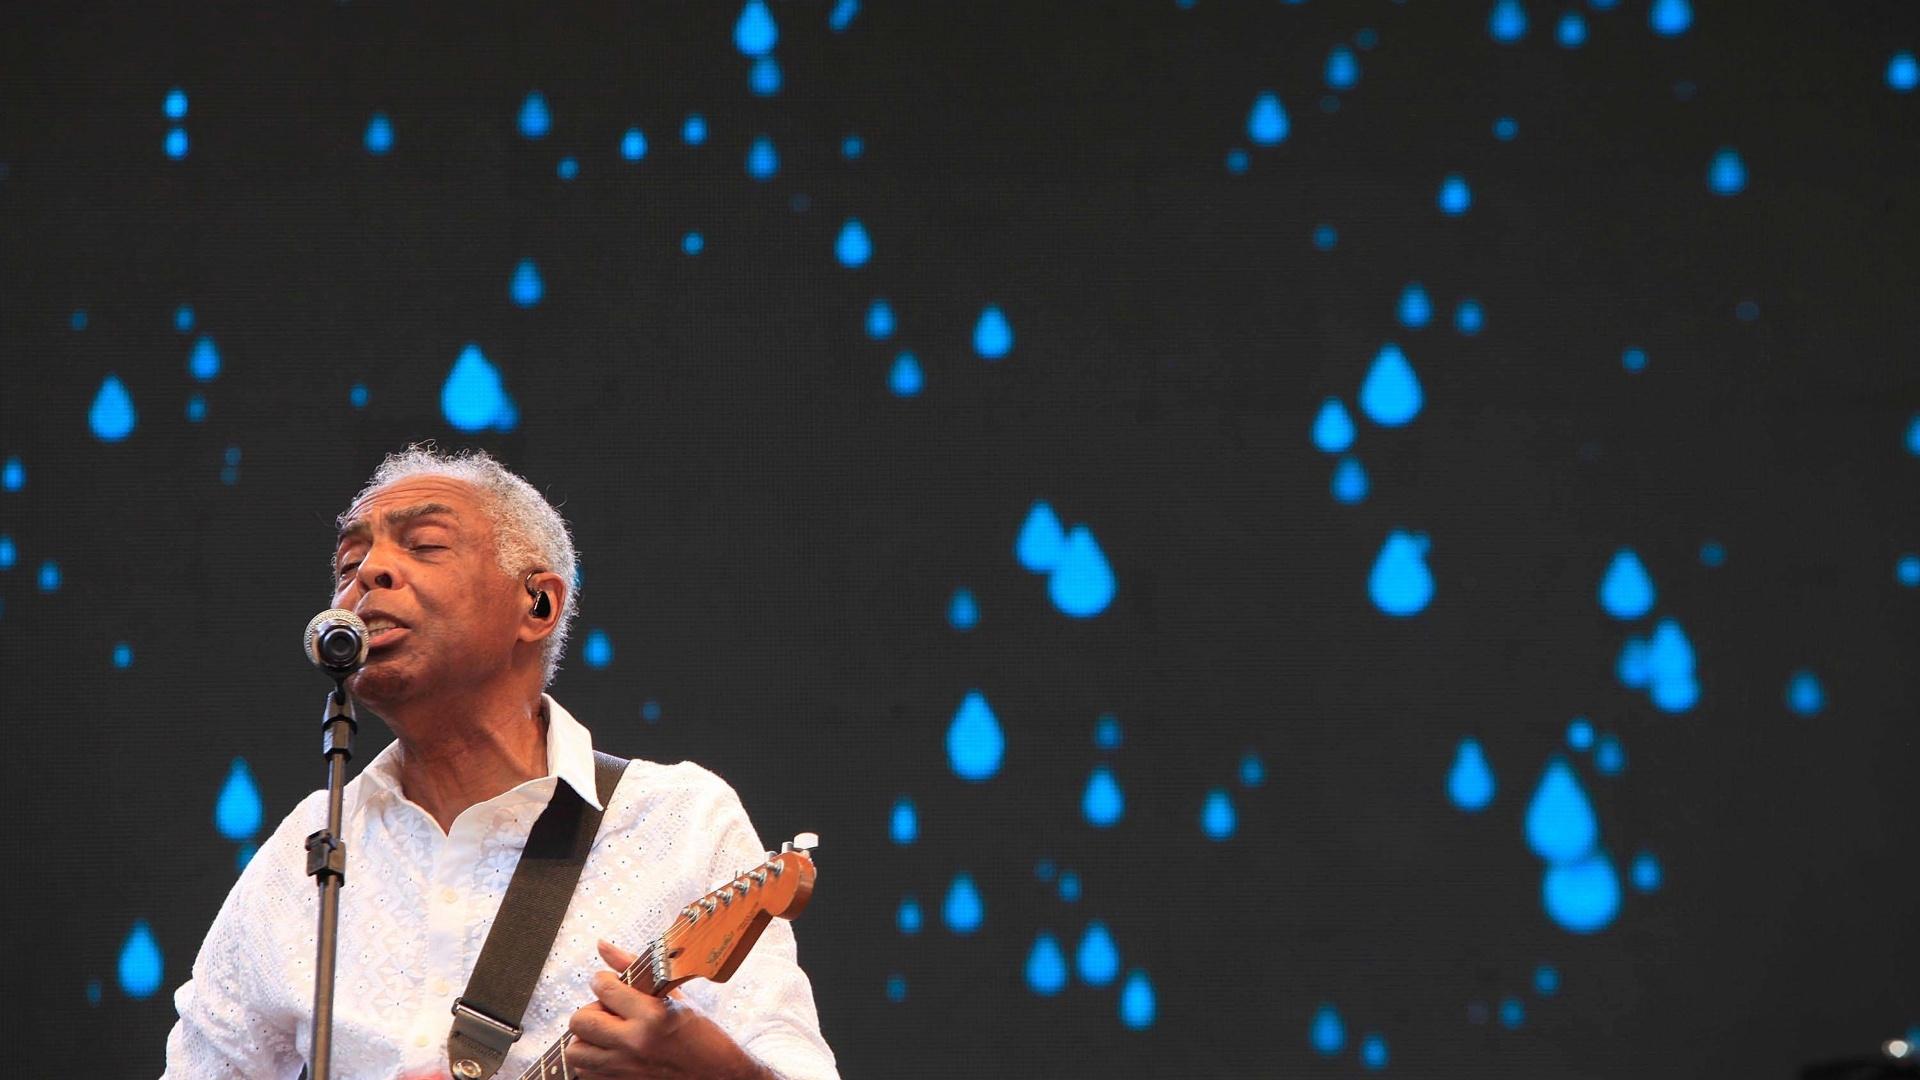 25.jan.2016 - Gilberto Gil faz show no Centro Esportivo Tietê em homenagem ao aniversário de 462 da cidade de São Paulo